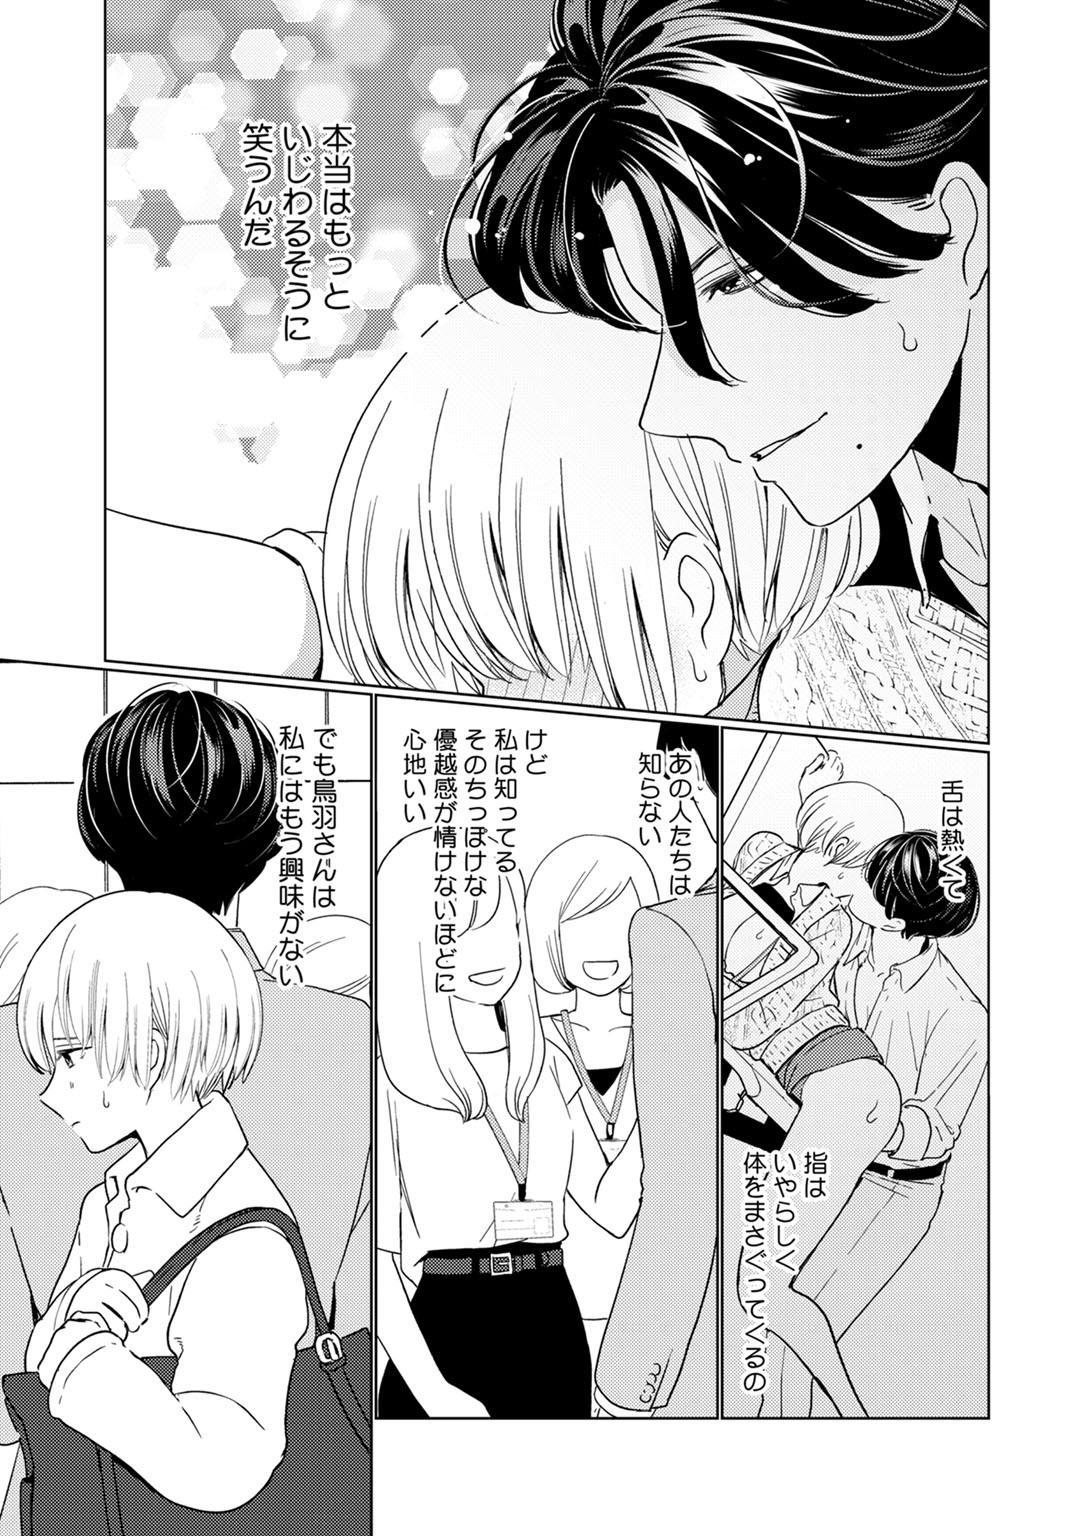 [Okonogi Happa] Kyonyuu-chan to Kyokon Joushi -Kaisha de Musabori Sex- act. 2 6